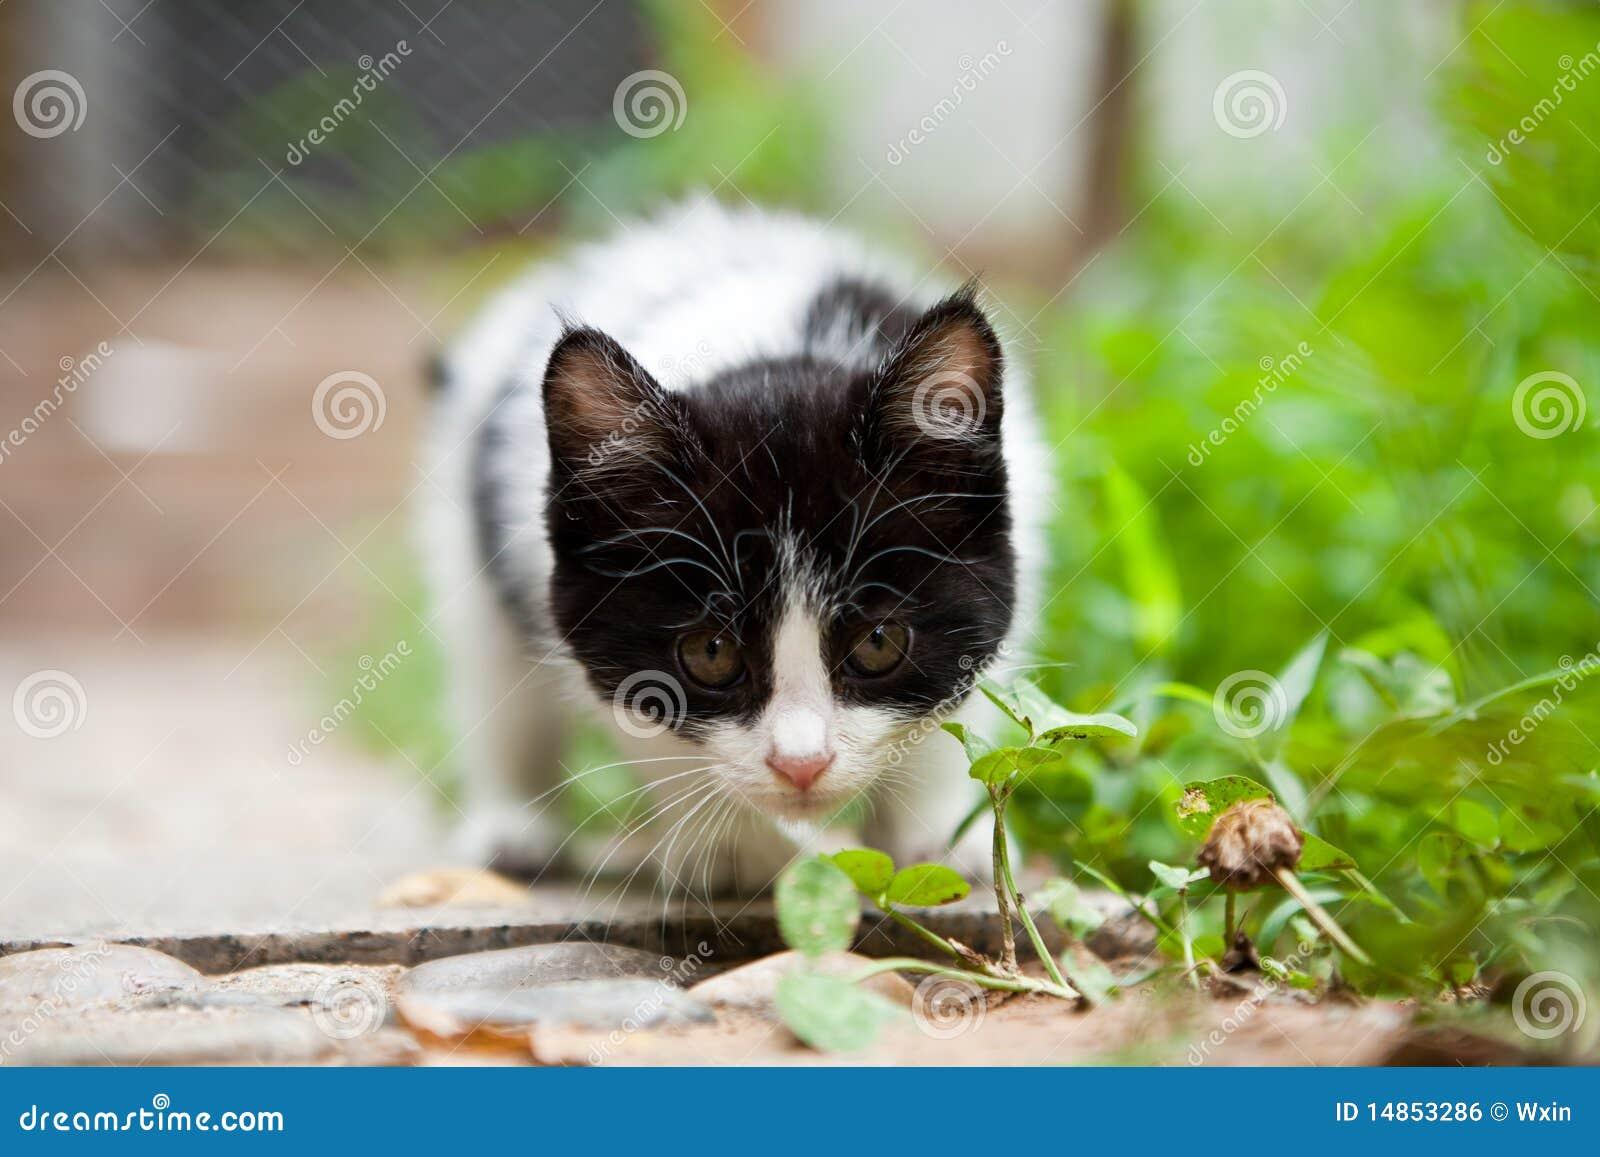 Vigilance cat